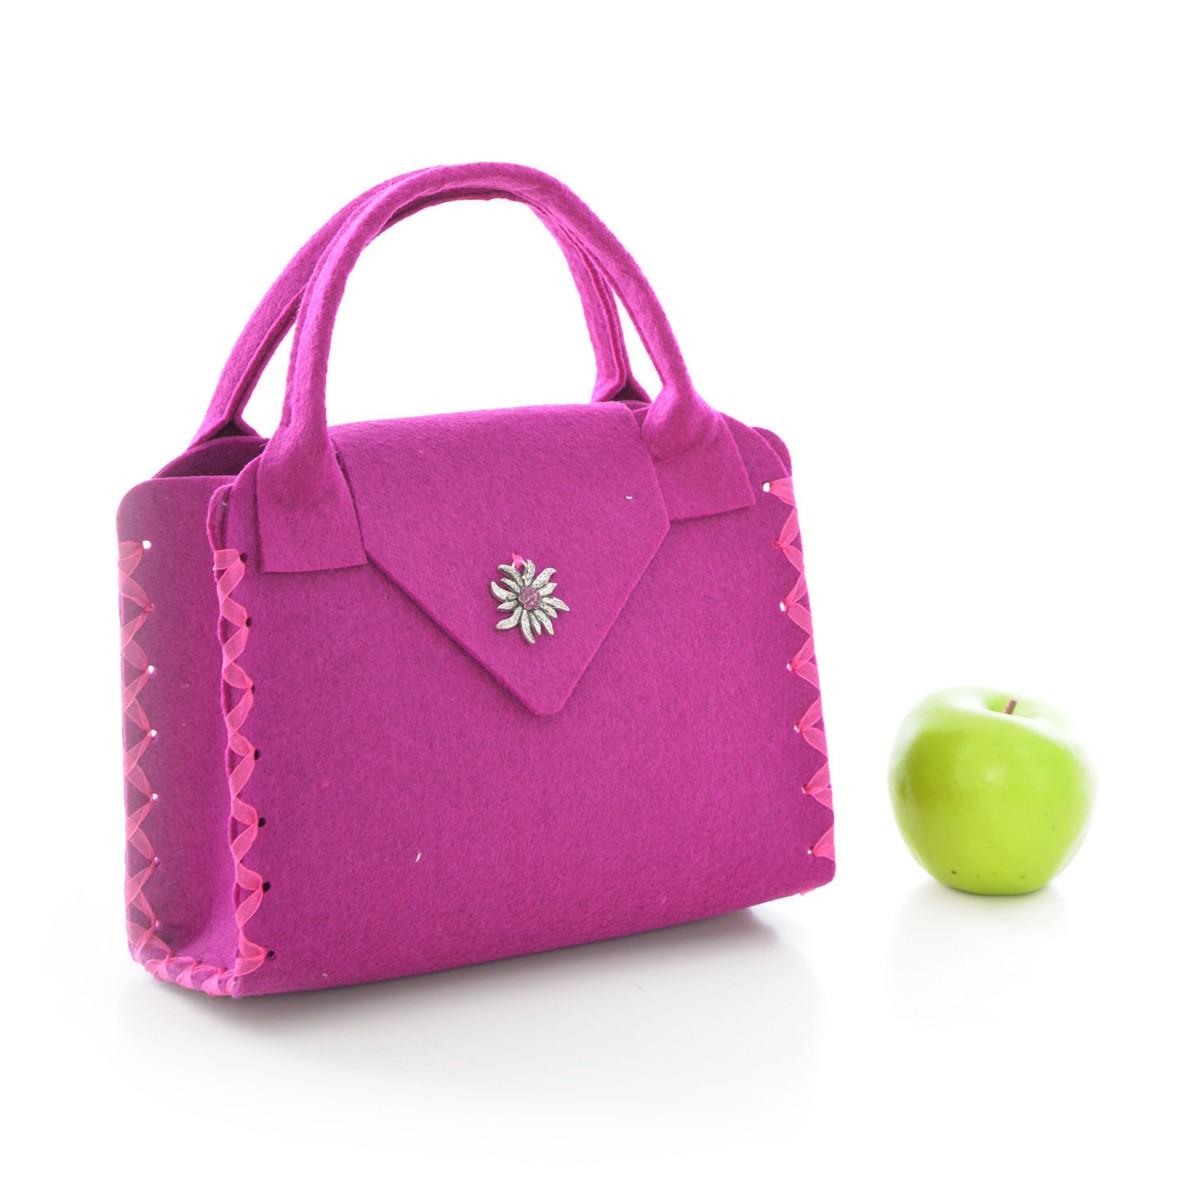 Süße Trachtentasche zum Dirndl in Lila von Die Dirndltasche  eBay